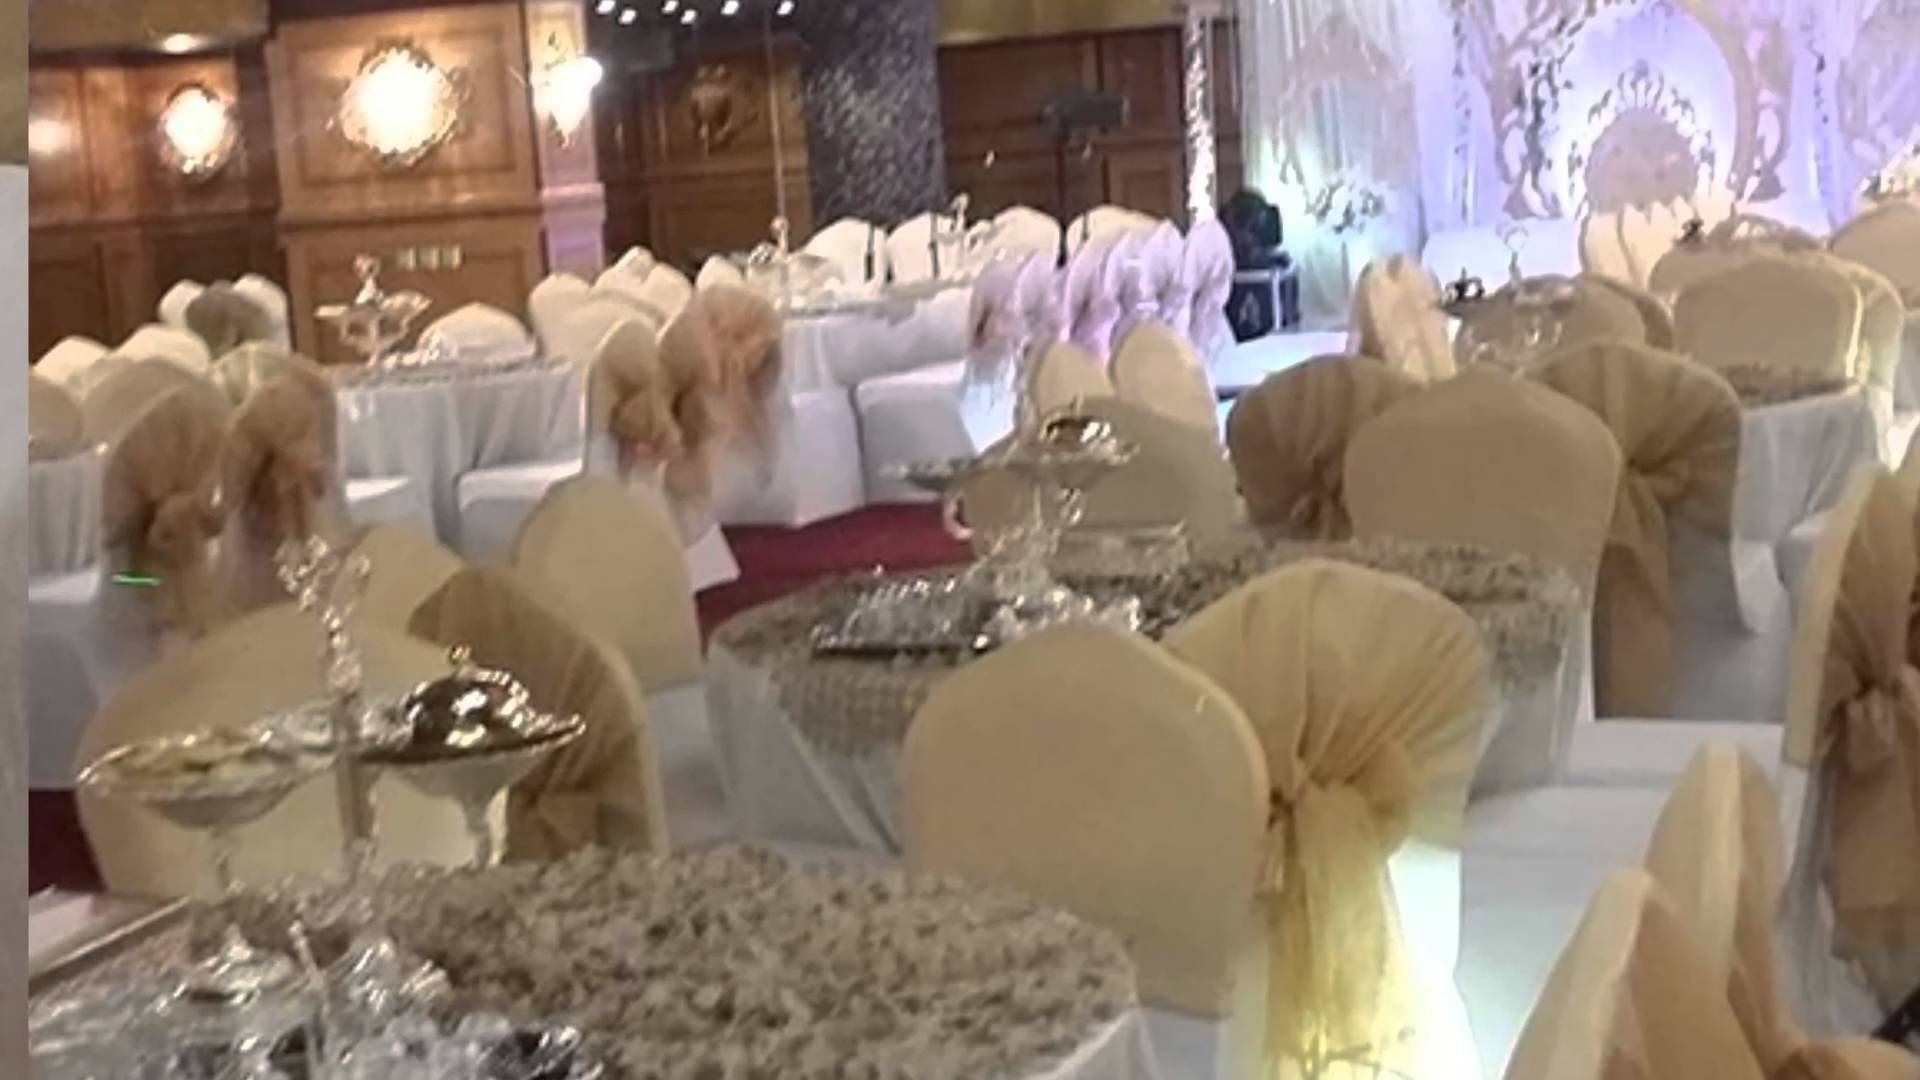 قاعة كوينز فندق النباريبس الماسي موقع افراحكم Table Decorations Decor Home Decor